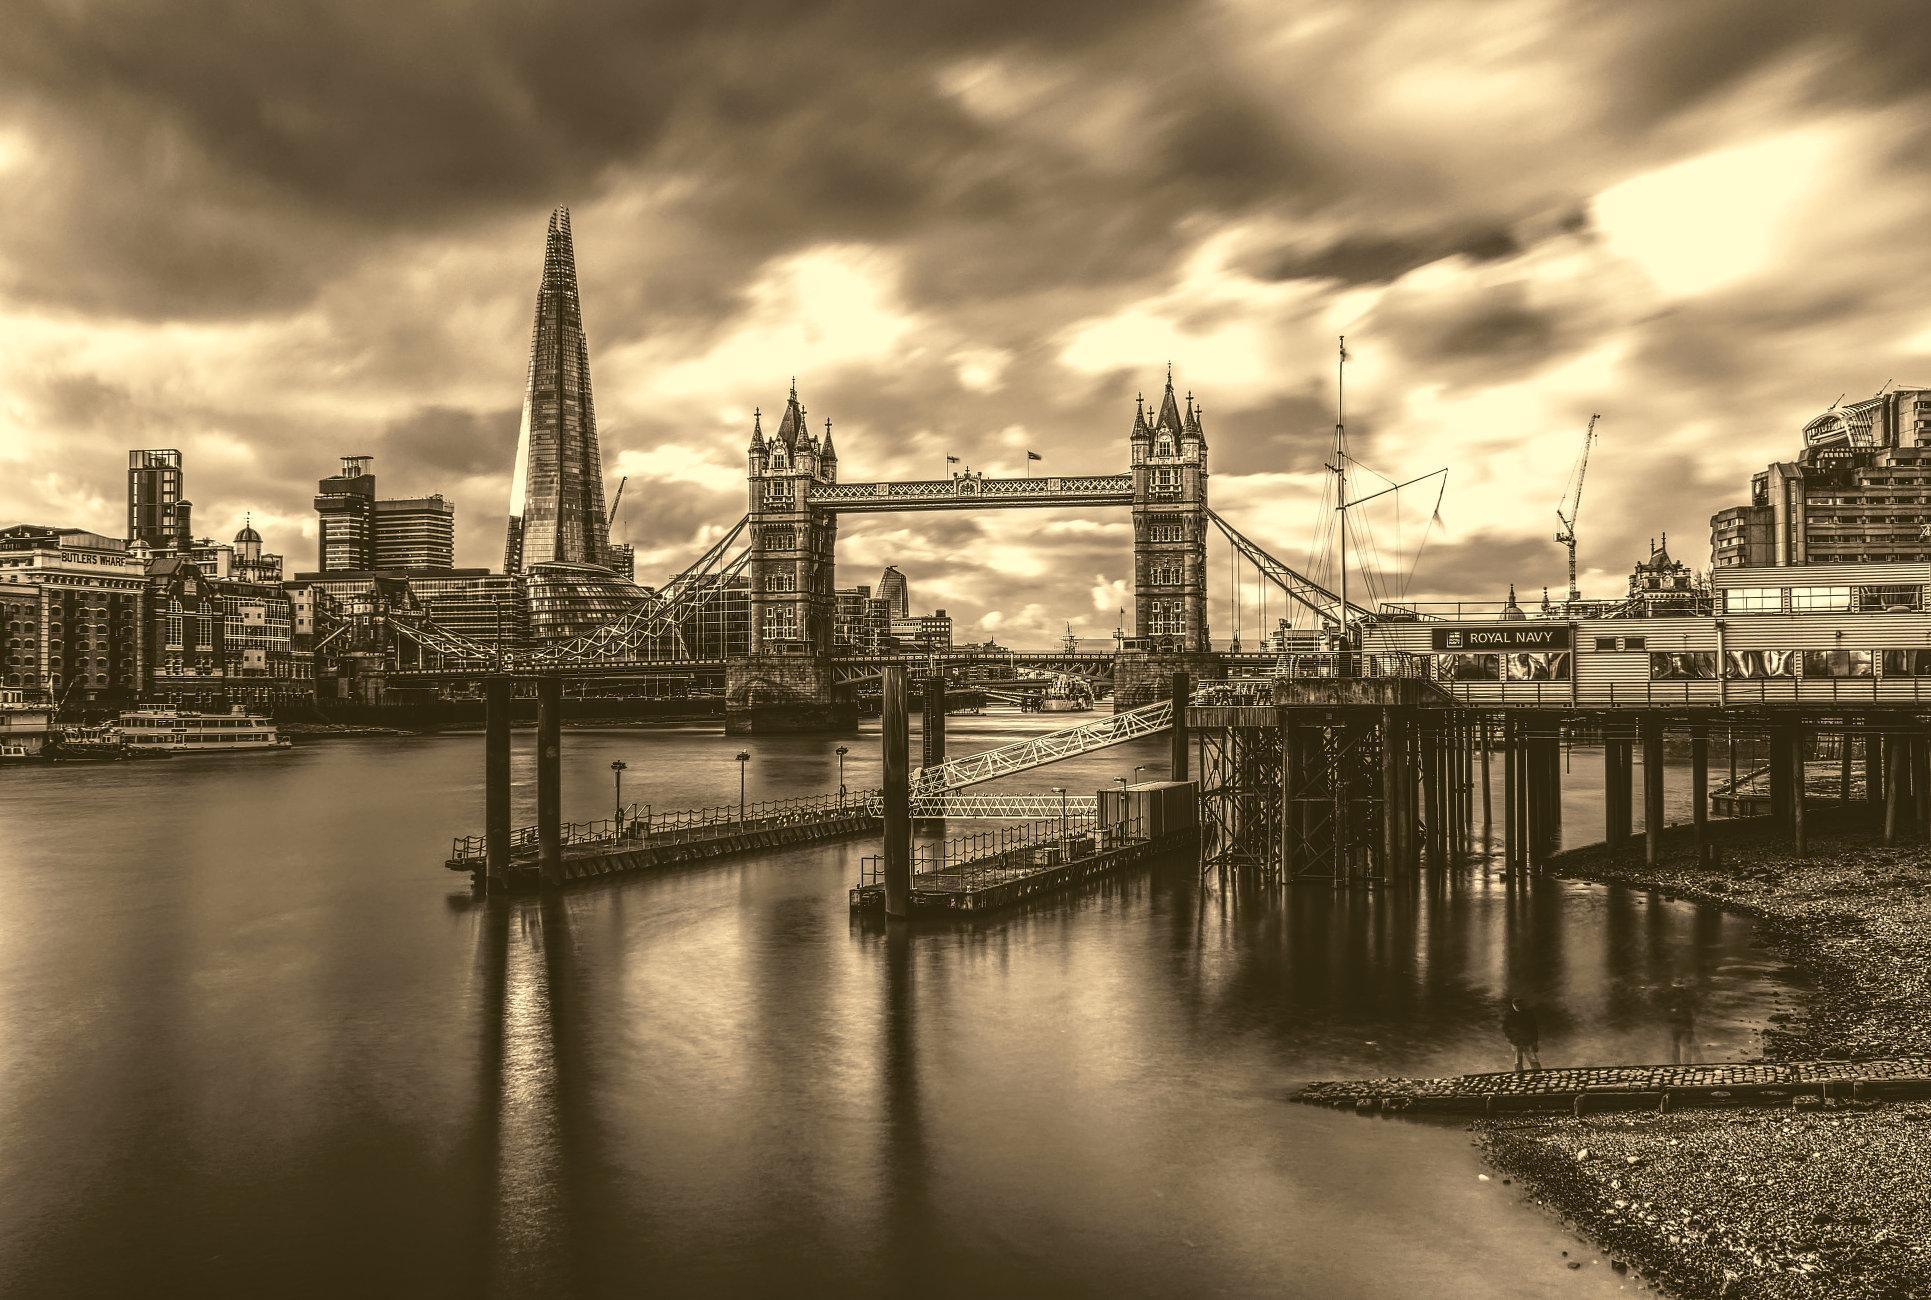 Tower Bridge revisited